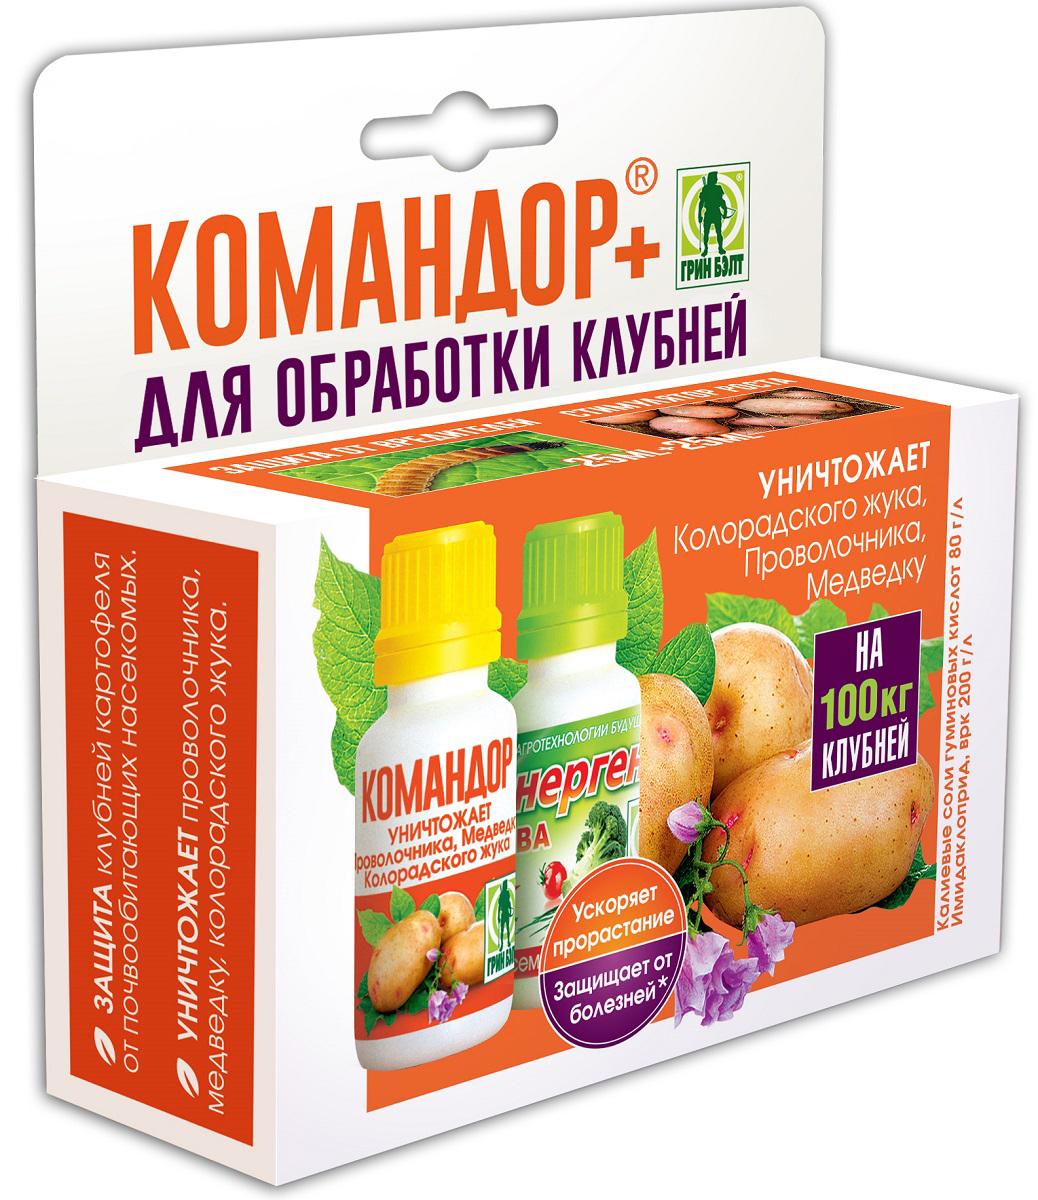 Защита картофеля Грин Бэлт, от насекомых, 2 флакона х 25 мл защита от болезней